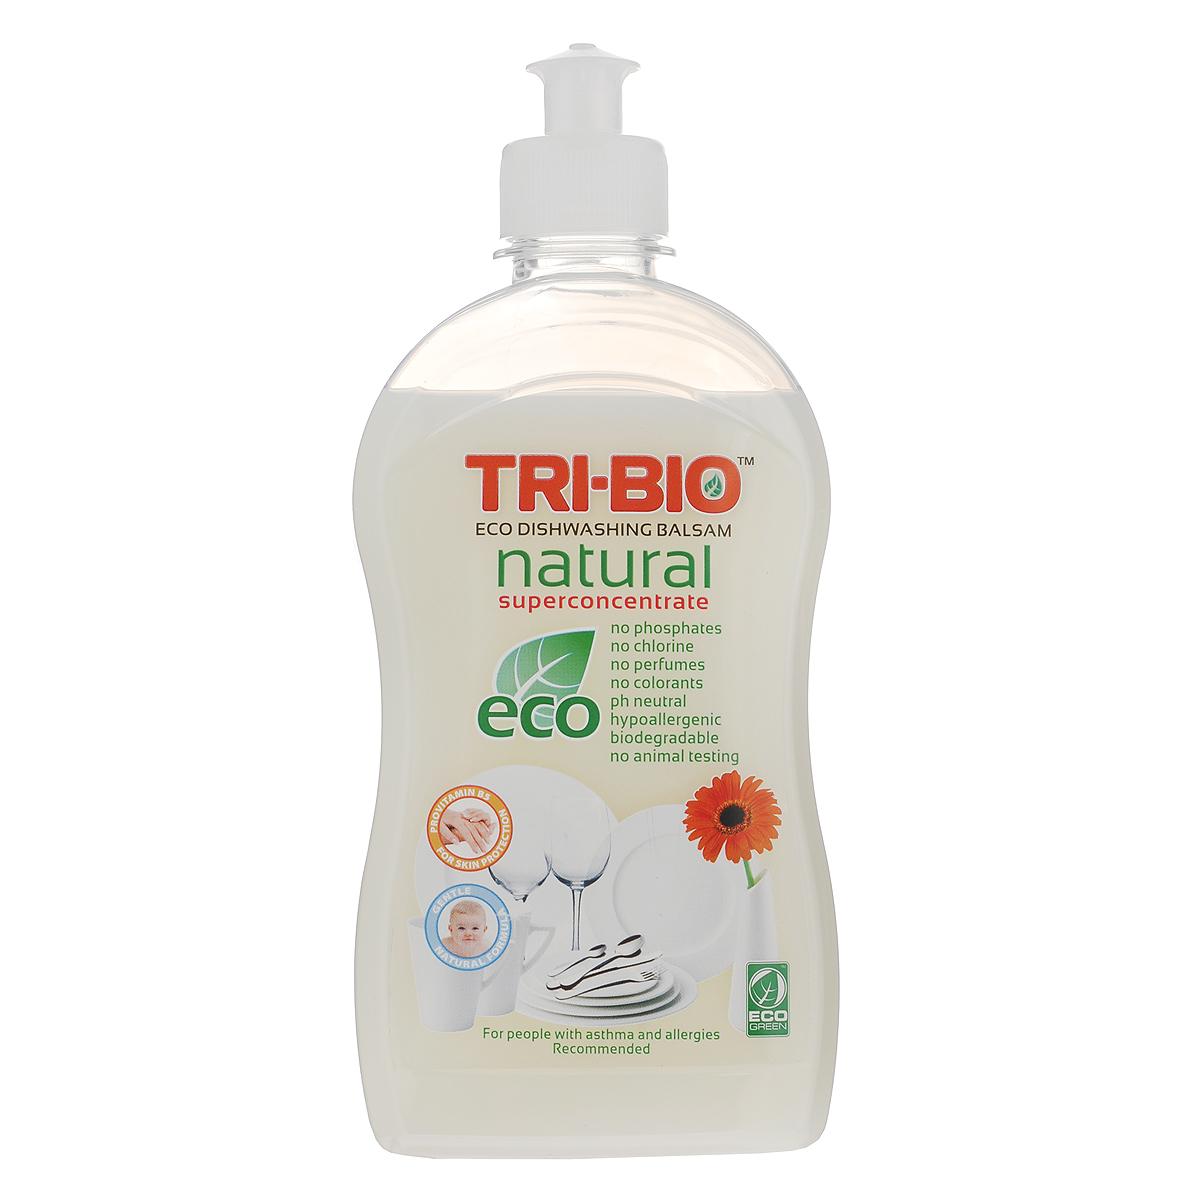 Натуральный эко-бальзам для мытья посуды Tri-Bio, 420 мл25043Эффективная формула основана на натуральных растительных и минеральных компонентах, кокосовом масле, сахаре, а также провитамине В5 для смягчения кожи. Нейтральный рH.Супер концентрированный густой белый бальзам создает нежную пену, которая эффективно удаляет жир и остатки пищи с посуды и стеклянных, керамических, каменных и металлических поверхностей. Не содержит опасных химических веществ, но также эффективна, как широко известные жесткие химические моющие средства.Подходит людям с чувствительной кожей: оказывает более щадящее воздействие на руки, не сушит кожу, не повреждает ногти, не раздражает дыхательные пути. Идеально подходит для мытья детской посуды. Рекомендуется для людей, склонных к аллергическим реакциям и страдающих астмой.Для здоровья: Без фосфатов, растворителей, хлора отбеливающих веществ, абразивных веществ, отдушек, красителей, токсичных веществ.Для окружающей среды: Низкий уровень ЛОС, легко биоразлагаемо, минимальное влияние на водные организмы, рециклируемые упаковочные материалы, не испытывалось на животных.Присвоен сертификат ECO GREEN.